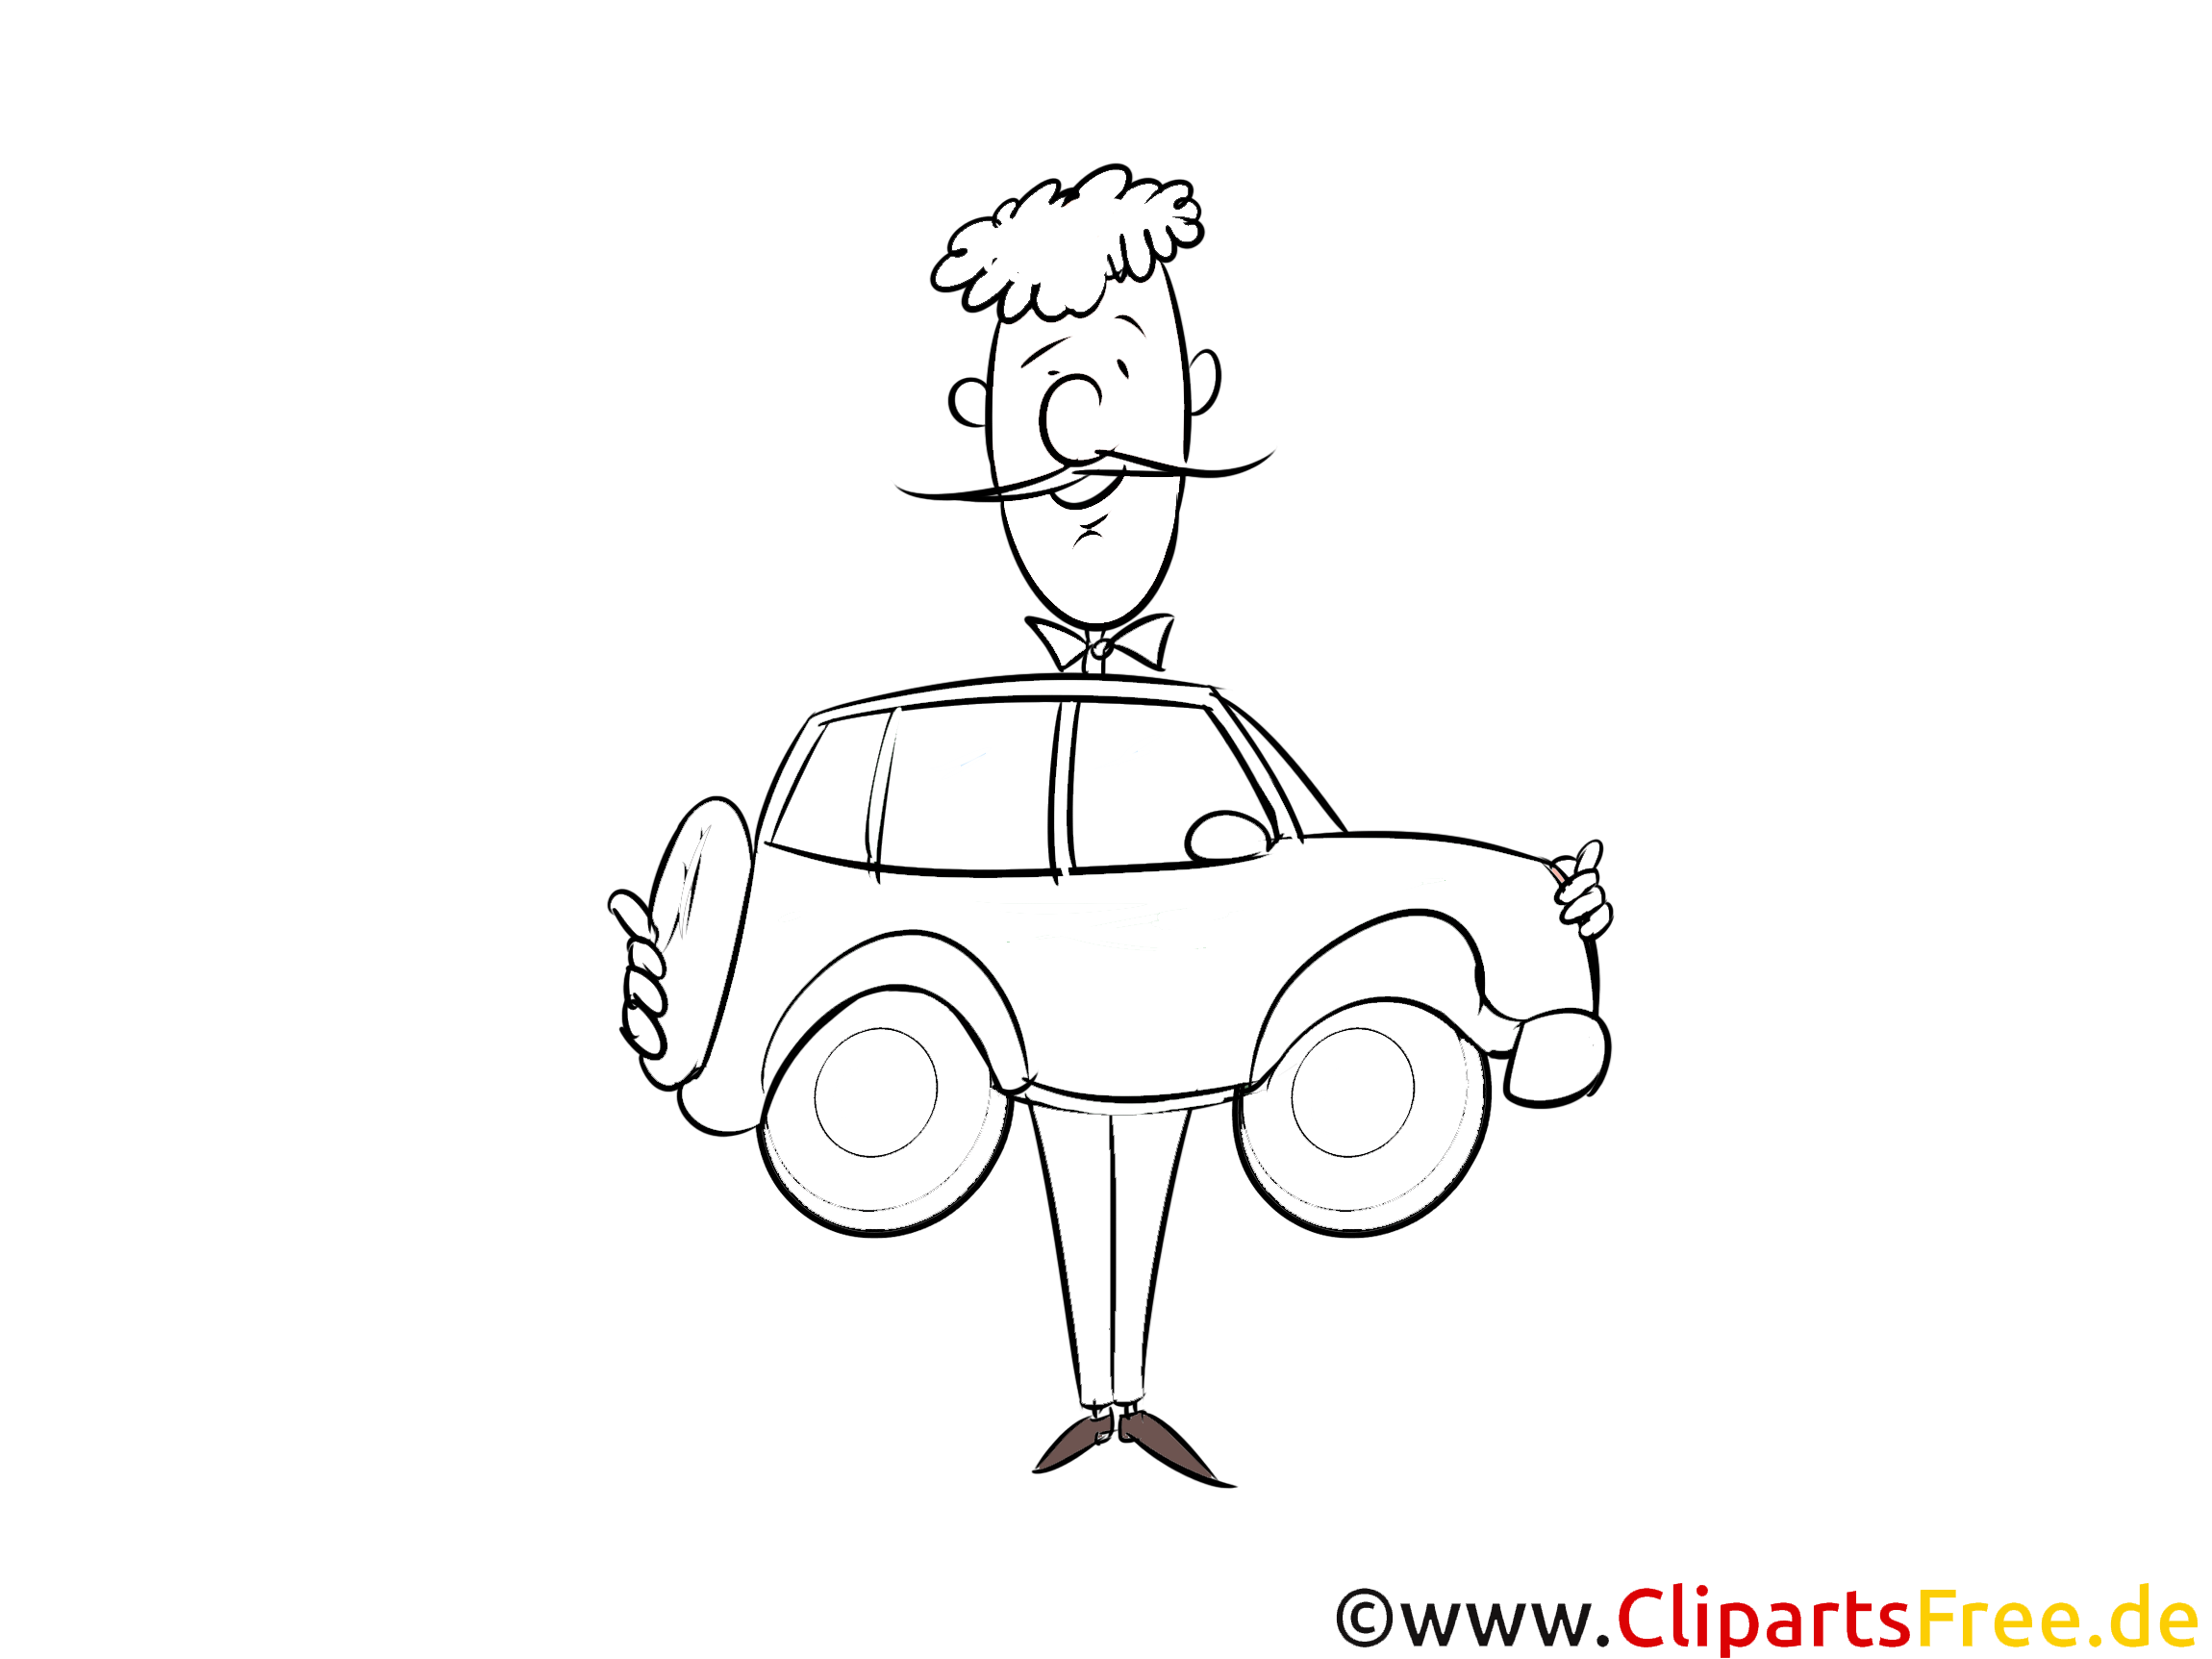 Autokauf Malbild, Bild, Grafik, Illustration